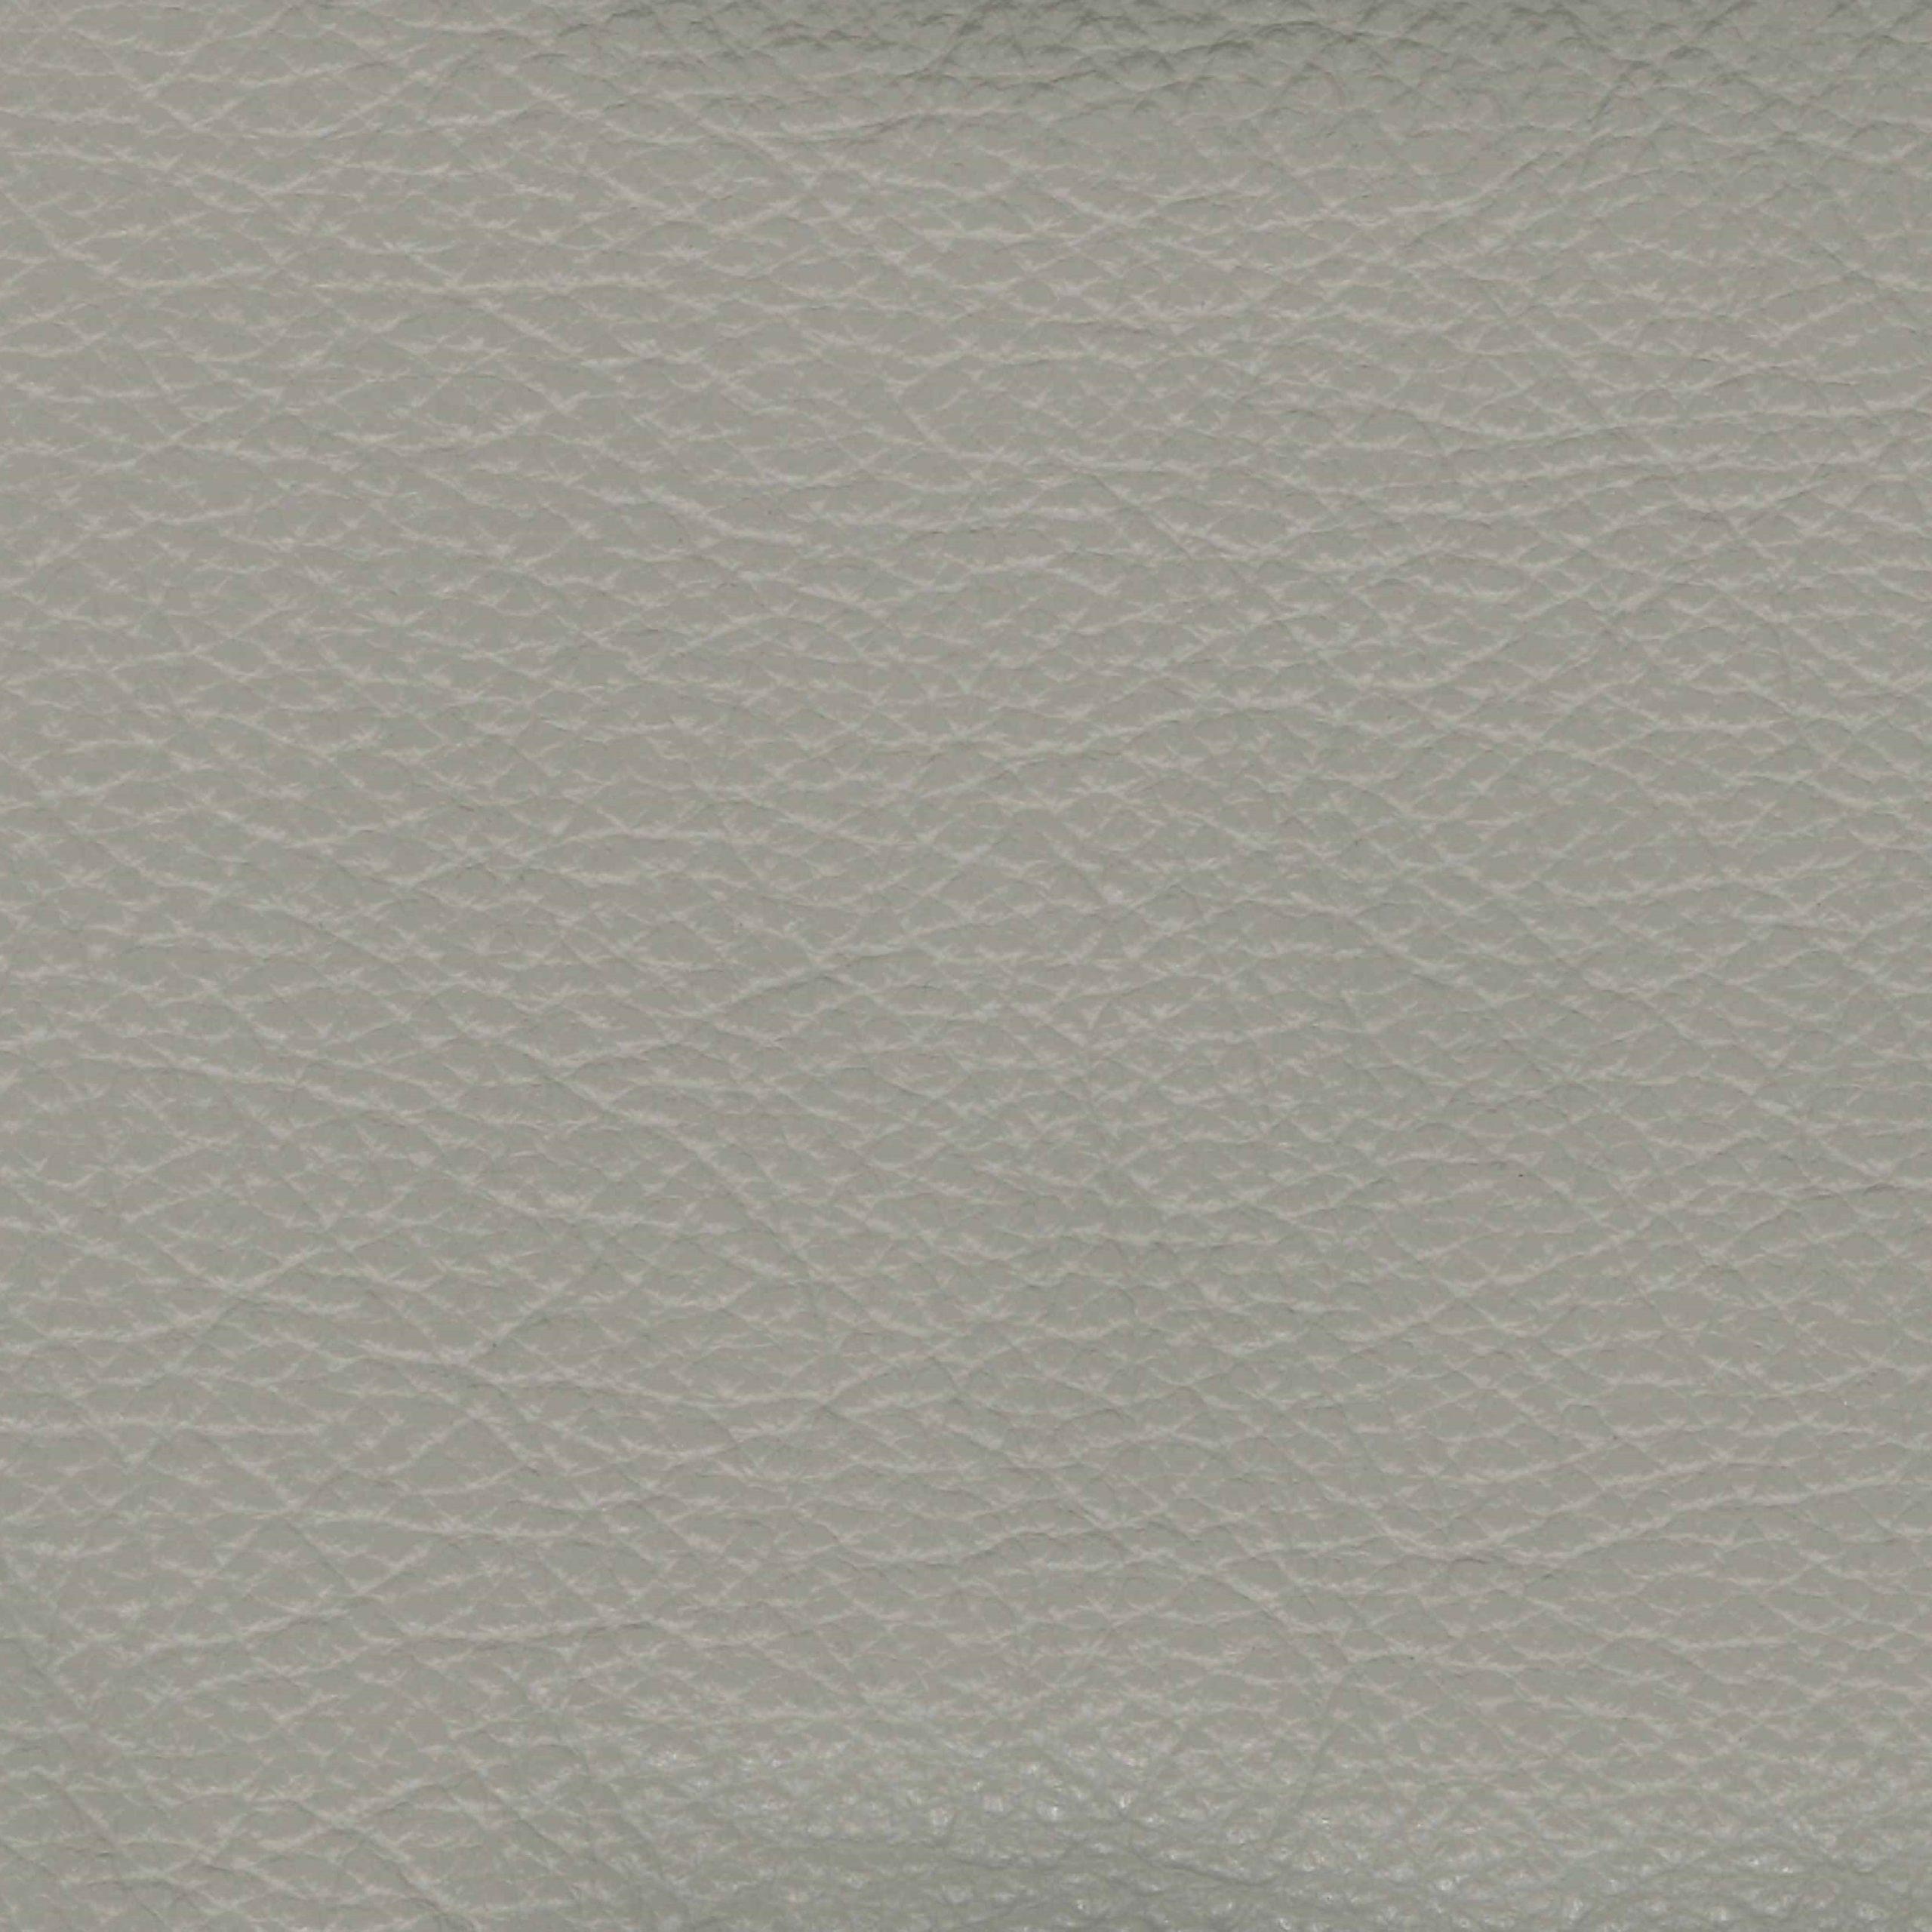 Yarwood Leather Lomond Lead Grey